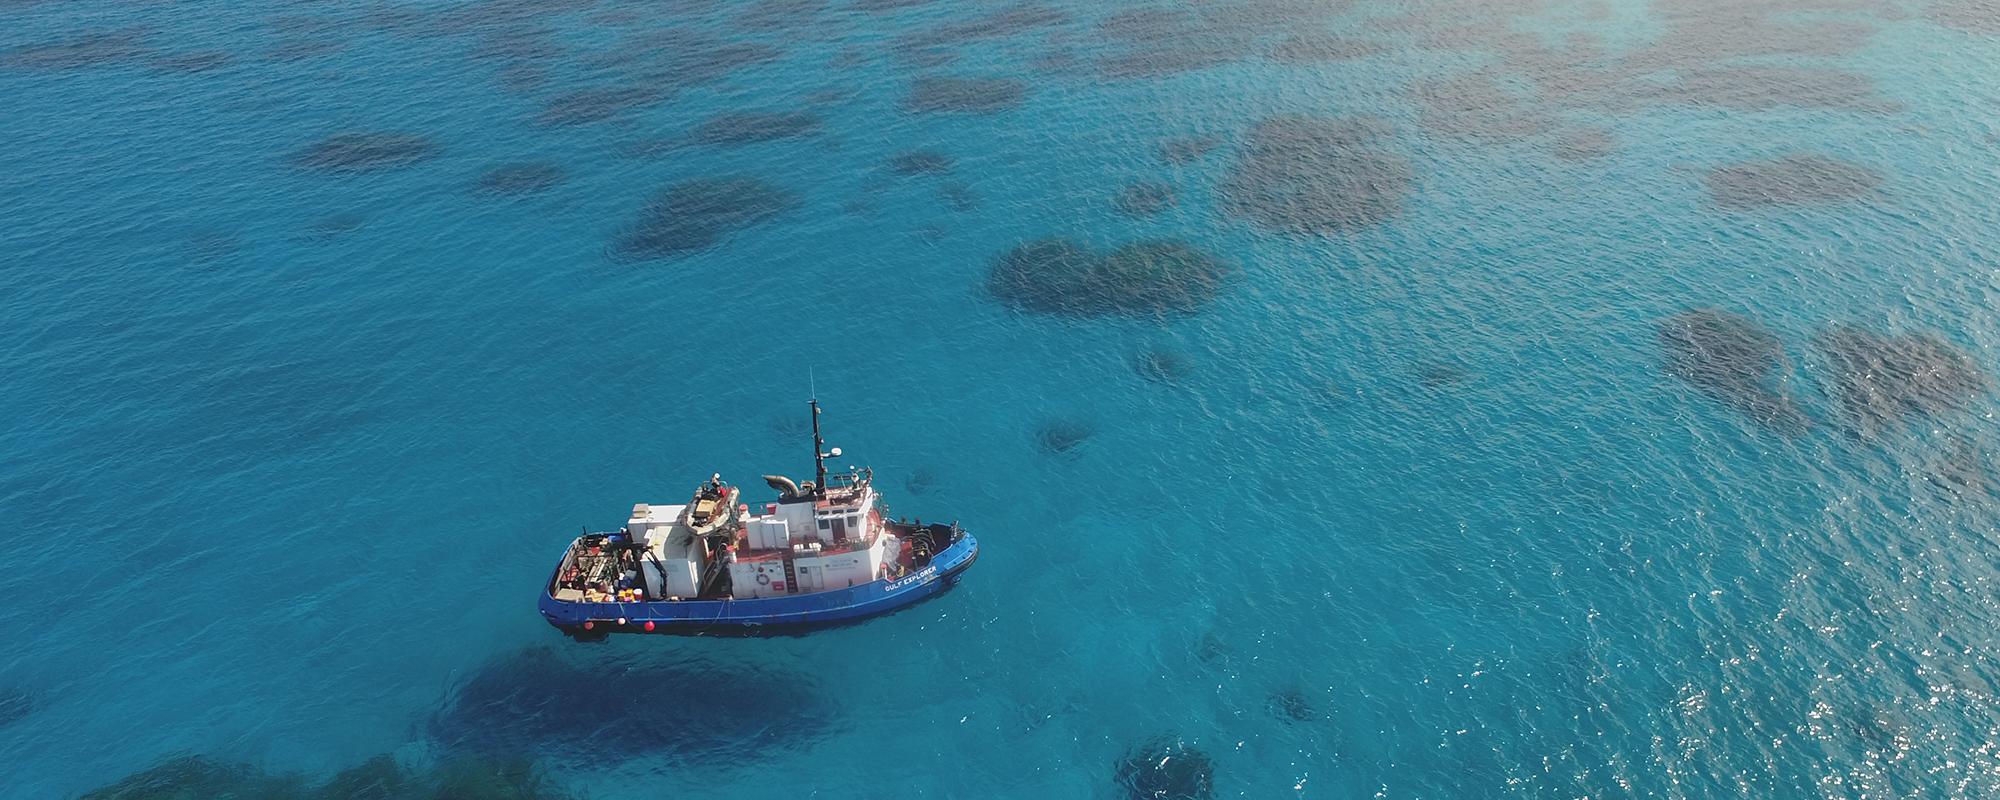 Offshore Supply Vessels in Queensland